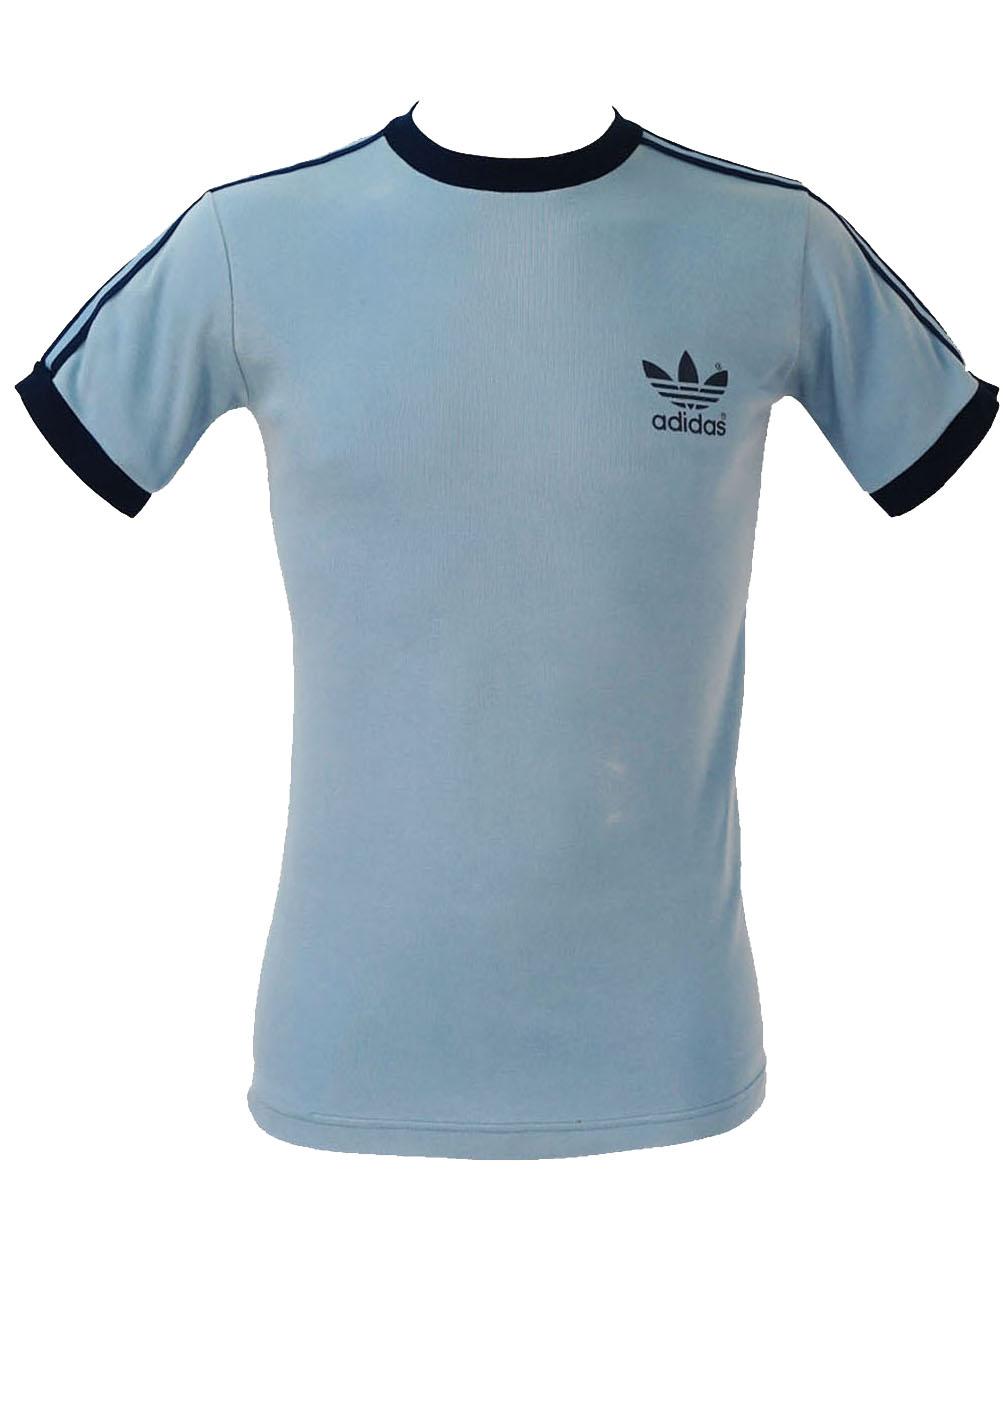 Vintage 80's Adidas Light Blue T-Shirt – XS/S – Reign Vintage